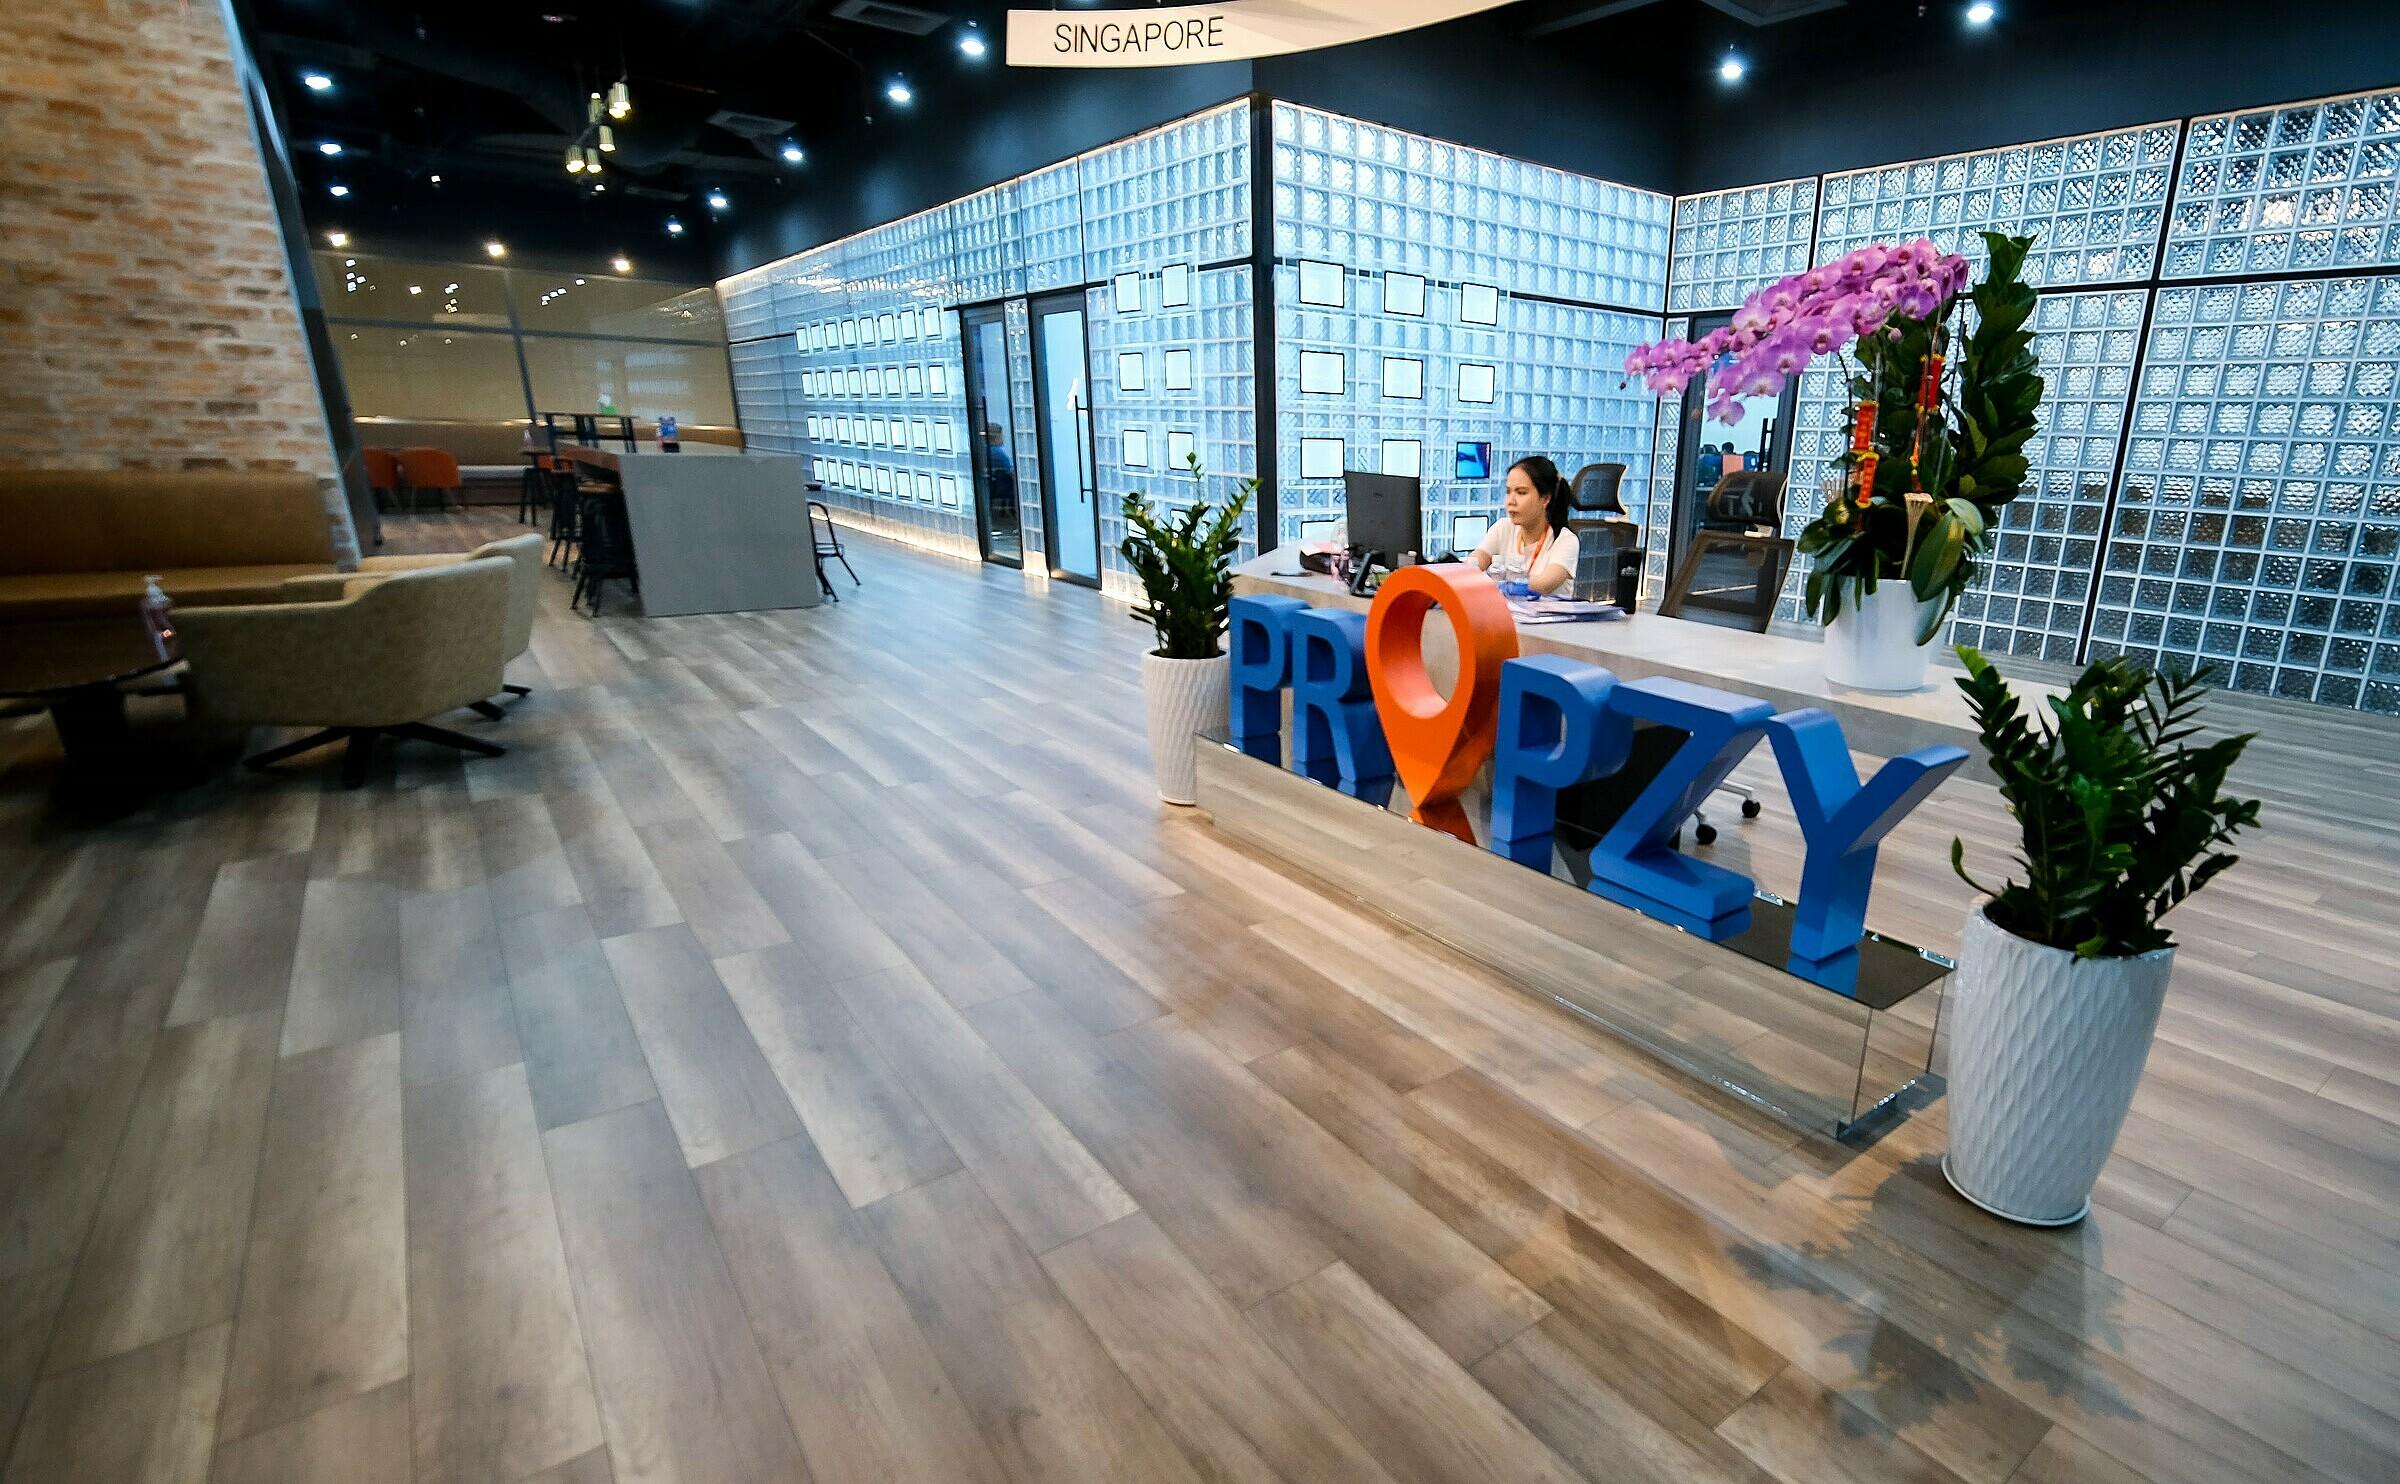 Văn phòng Propzy Hub có thiết kế mở.